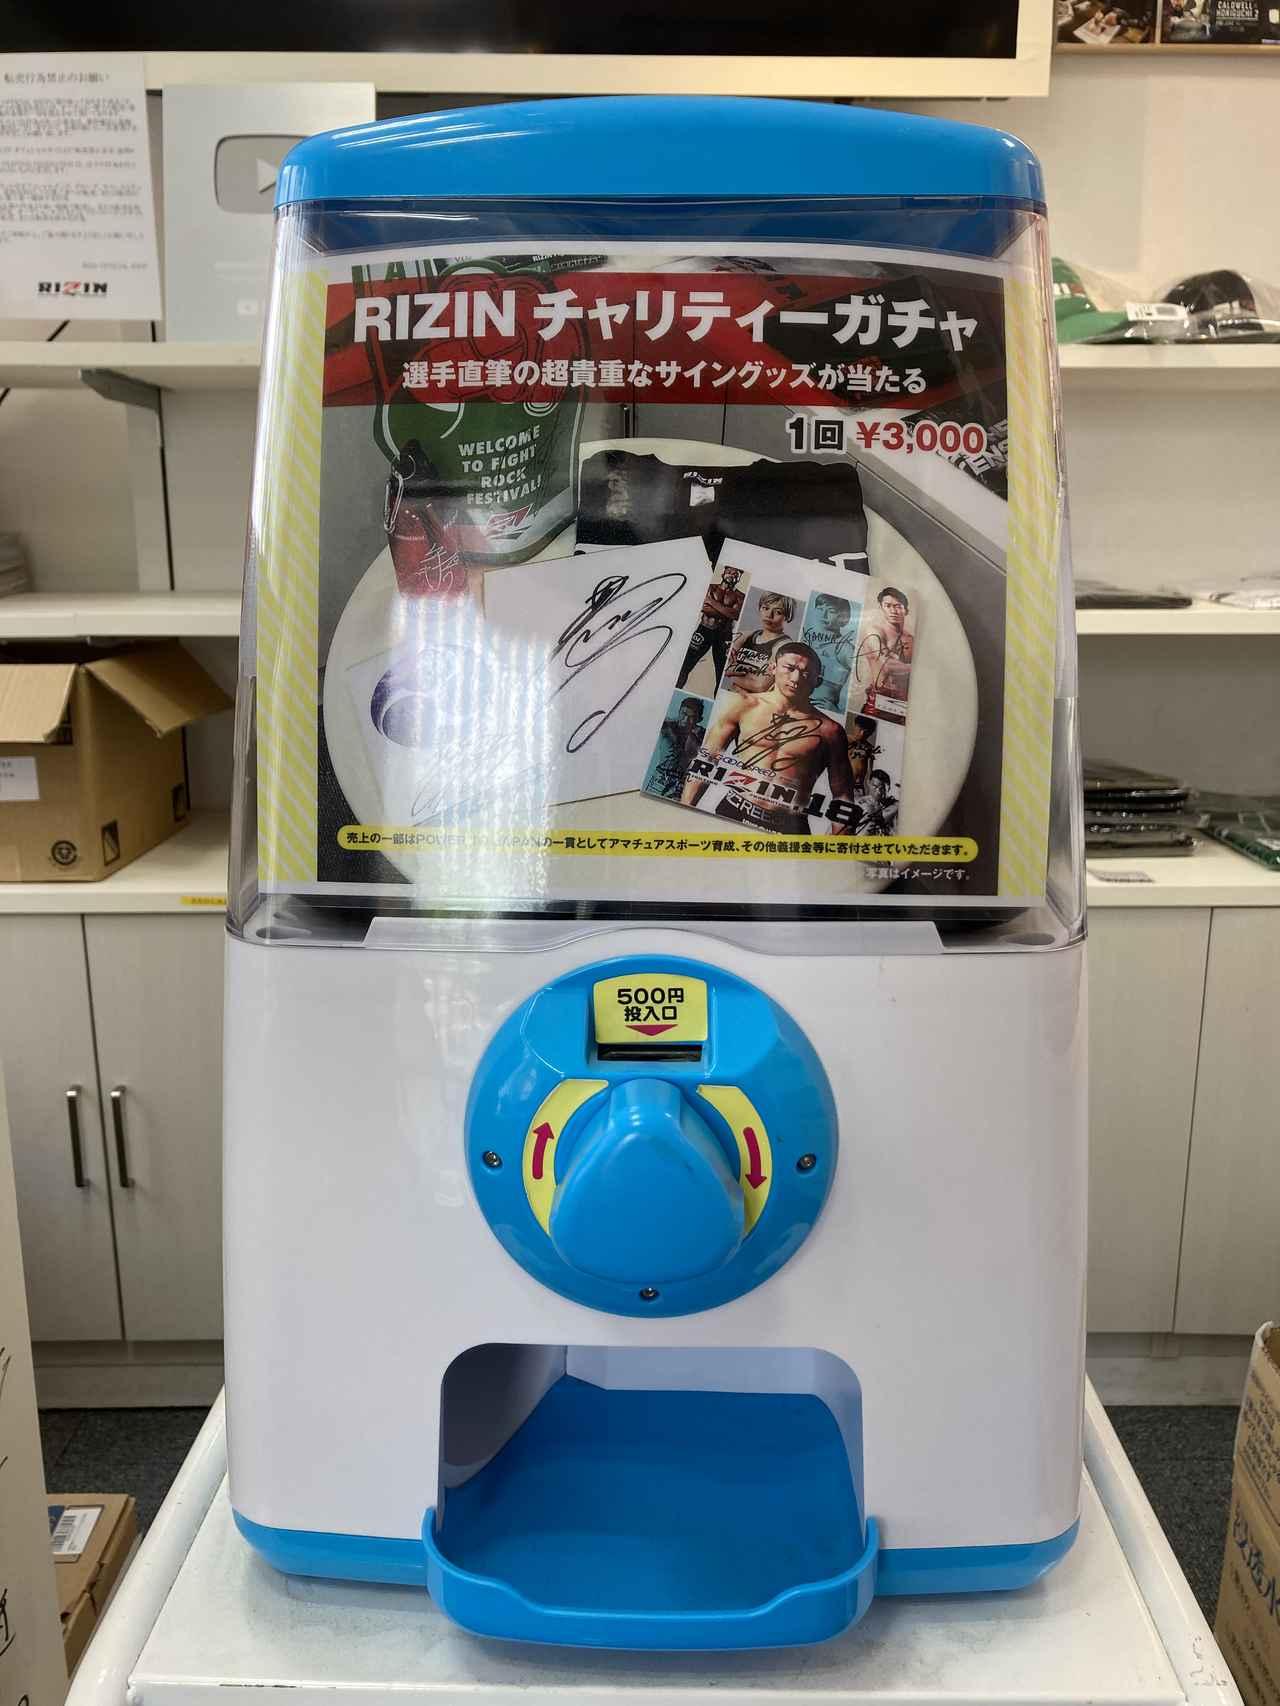 画像6: RIZIN OFFICIAL SHOP